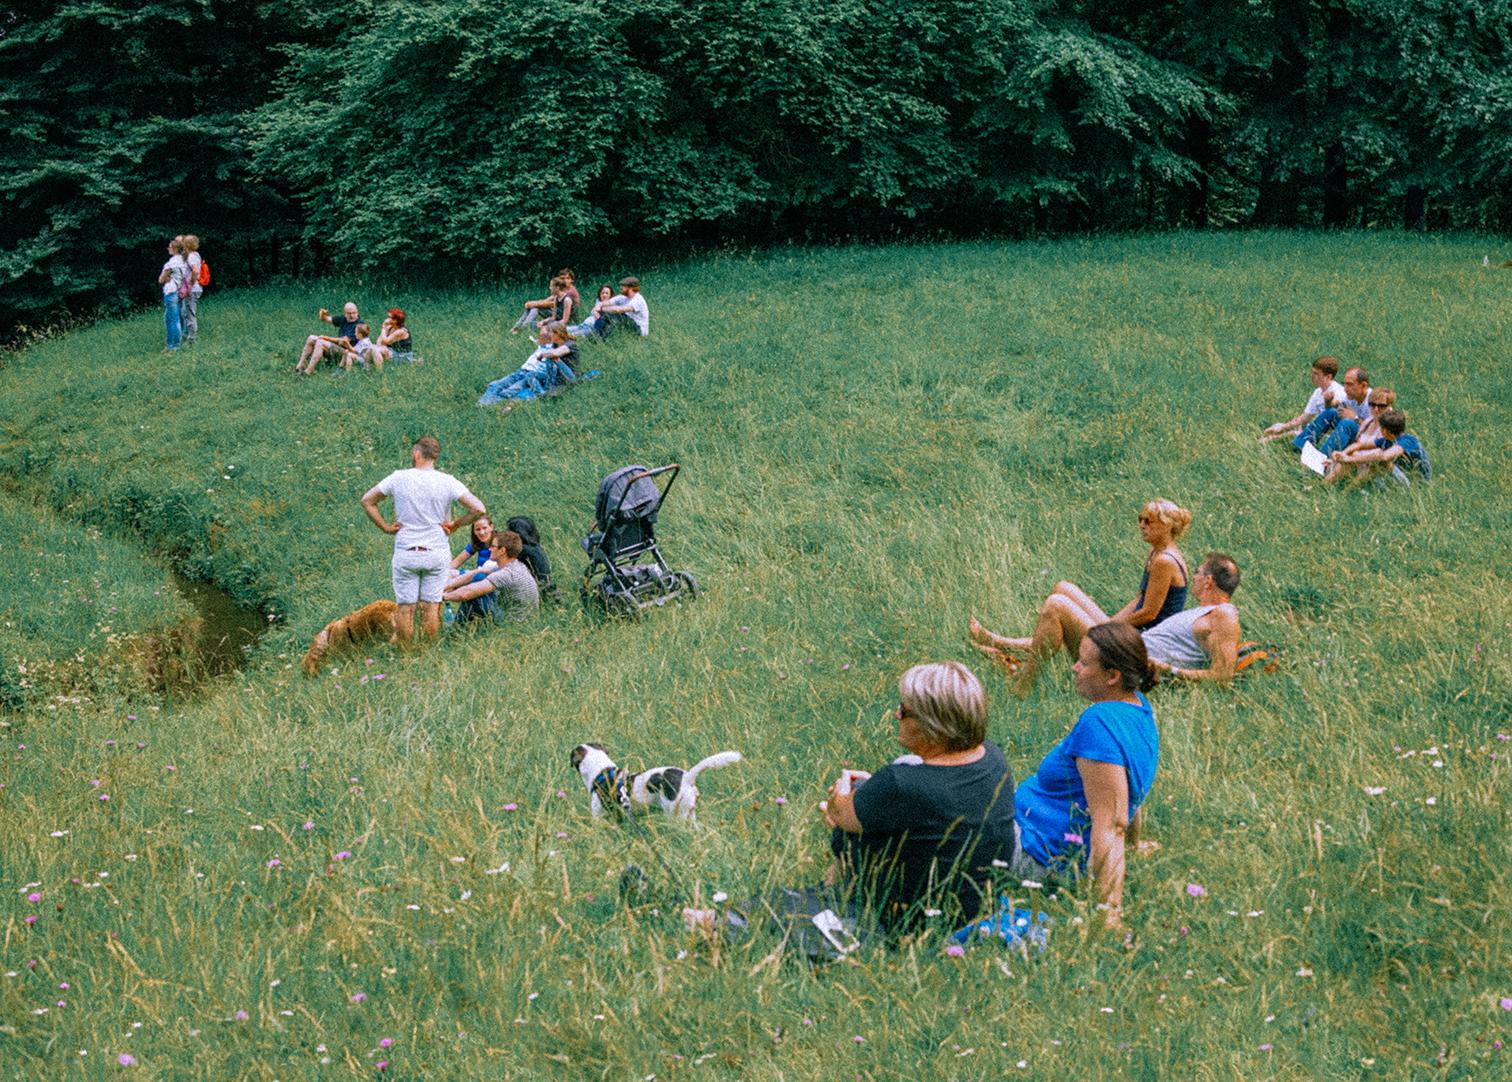 풀밭에서의 휴식